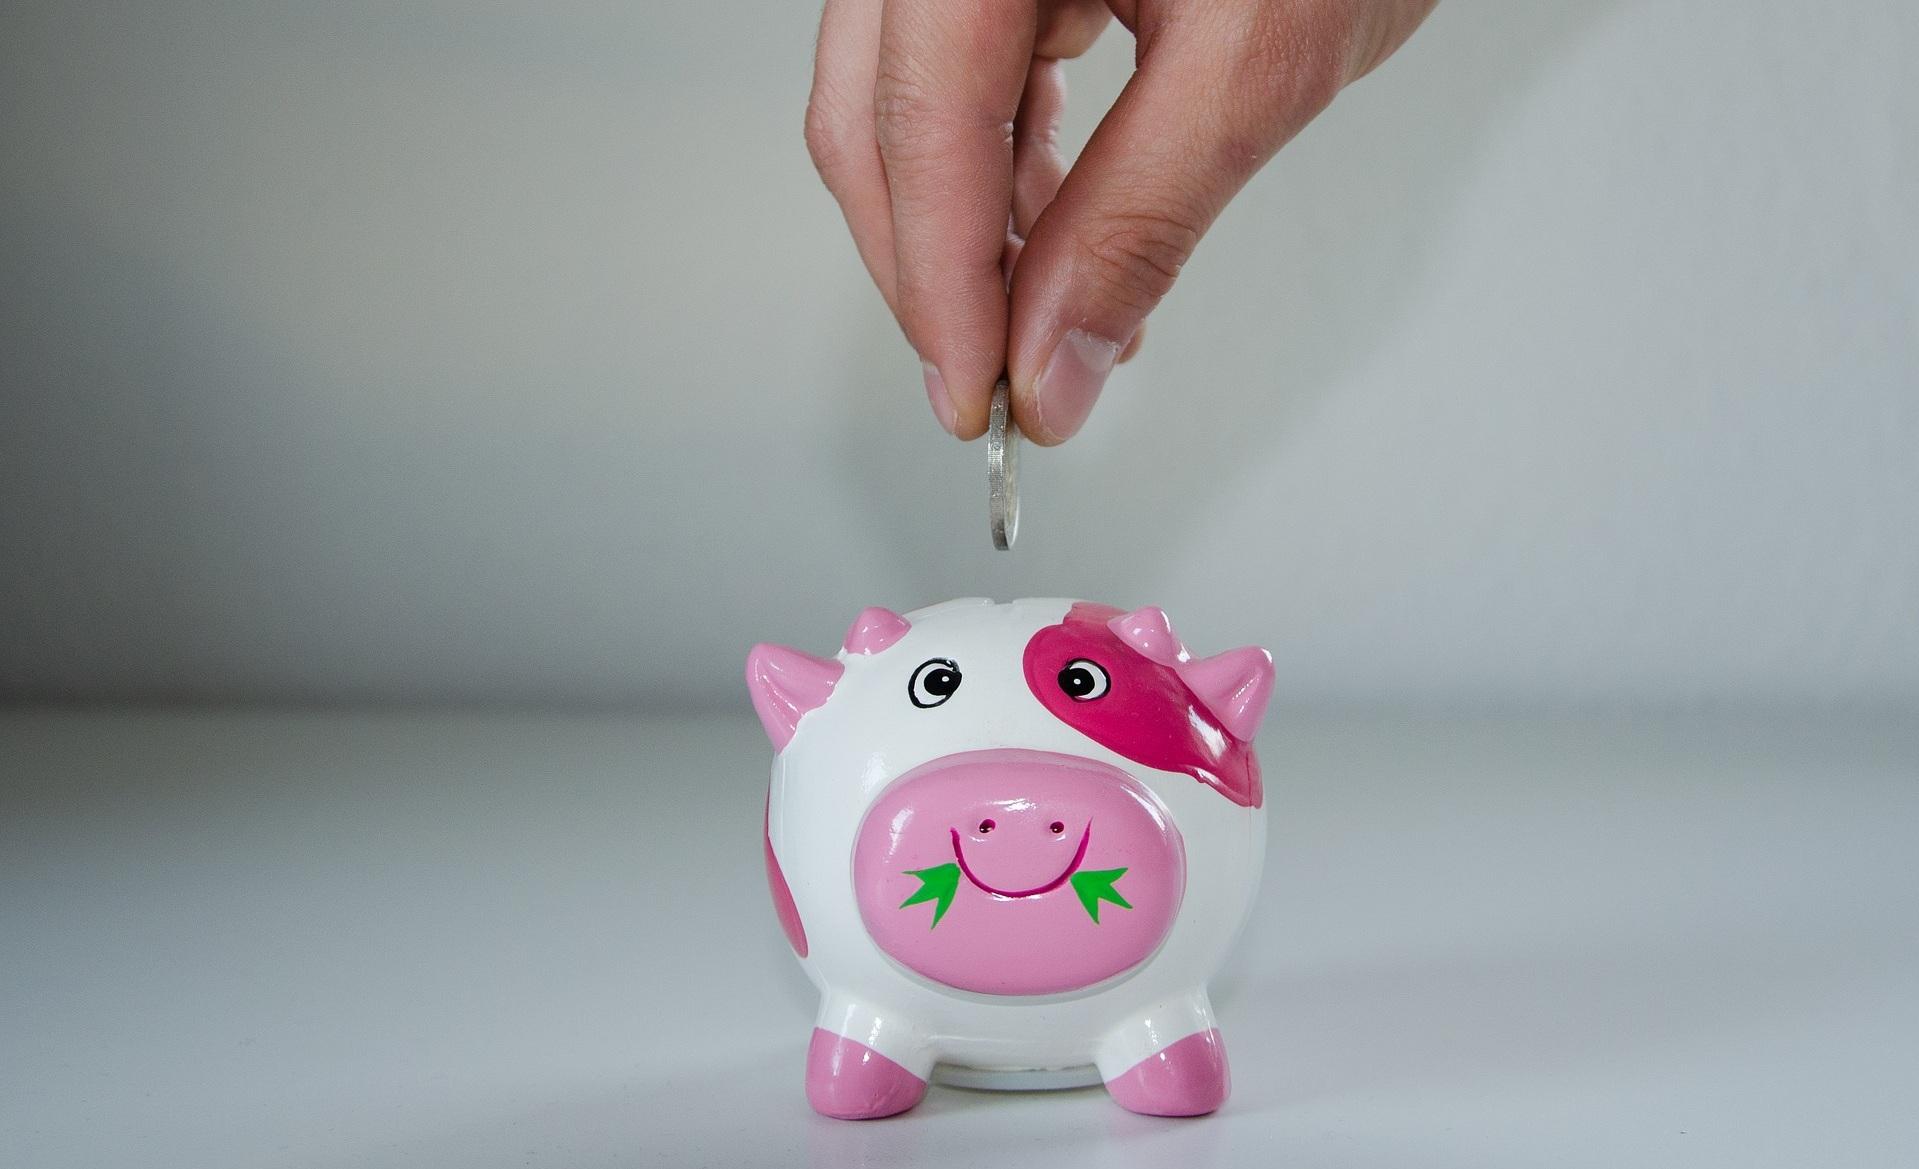 Sparen und warten. Diese Taktik ist am effektivsten, wenn man einen günstigen Einstiegspreis erwischt